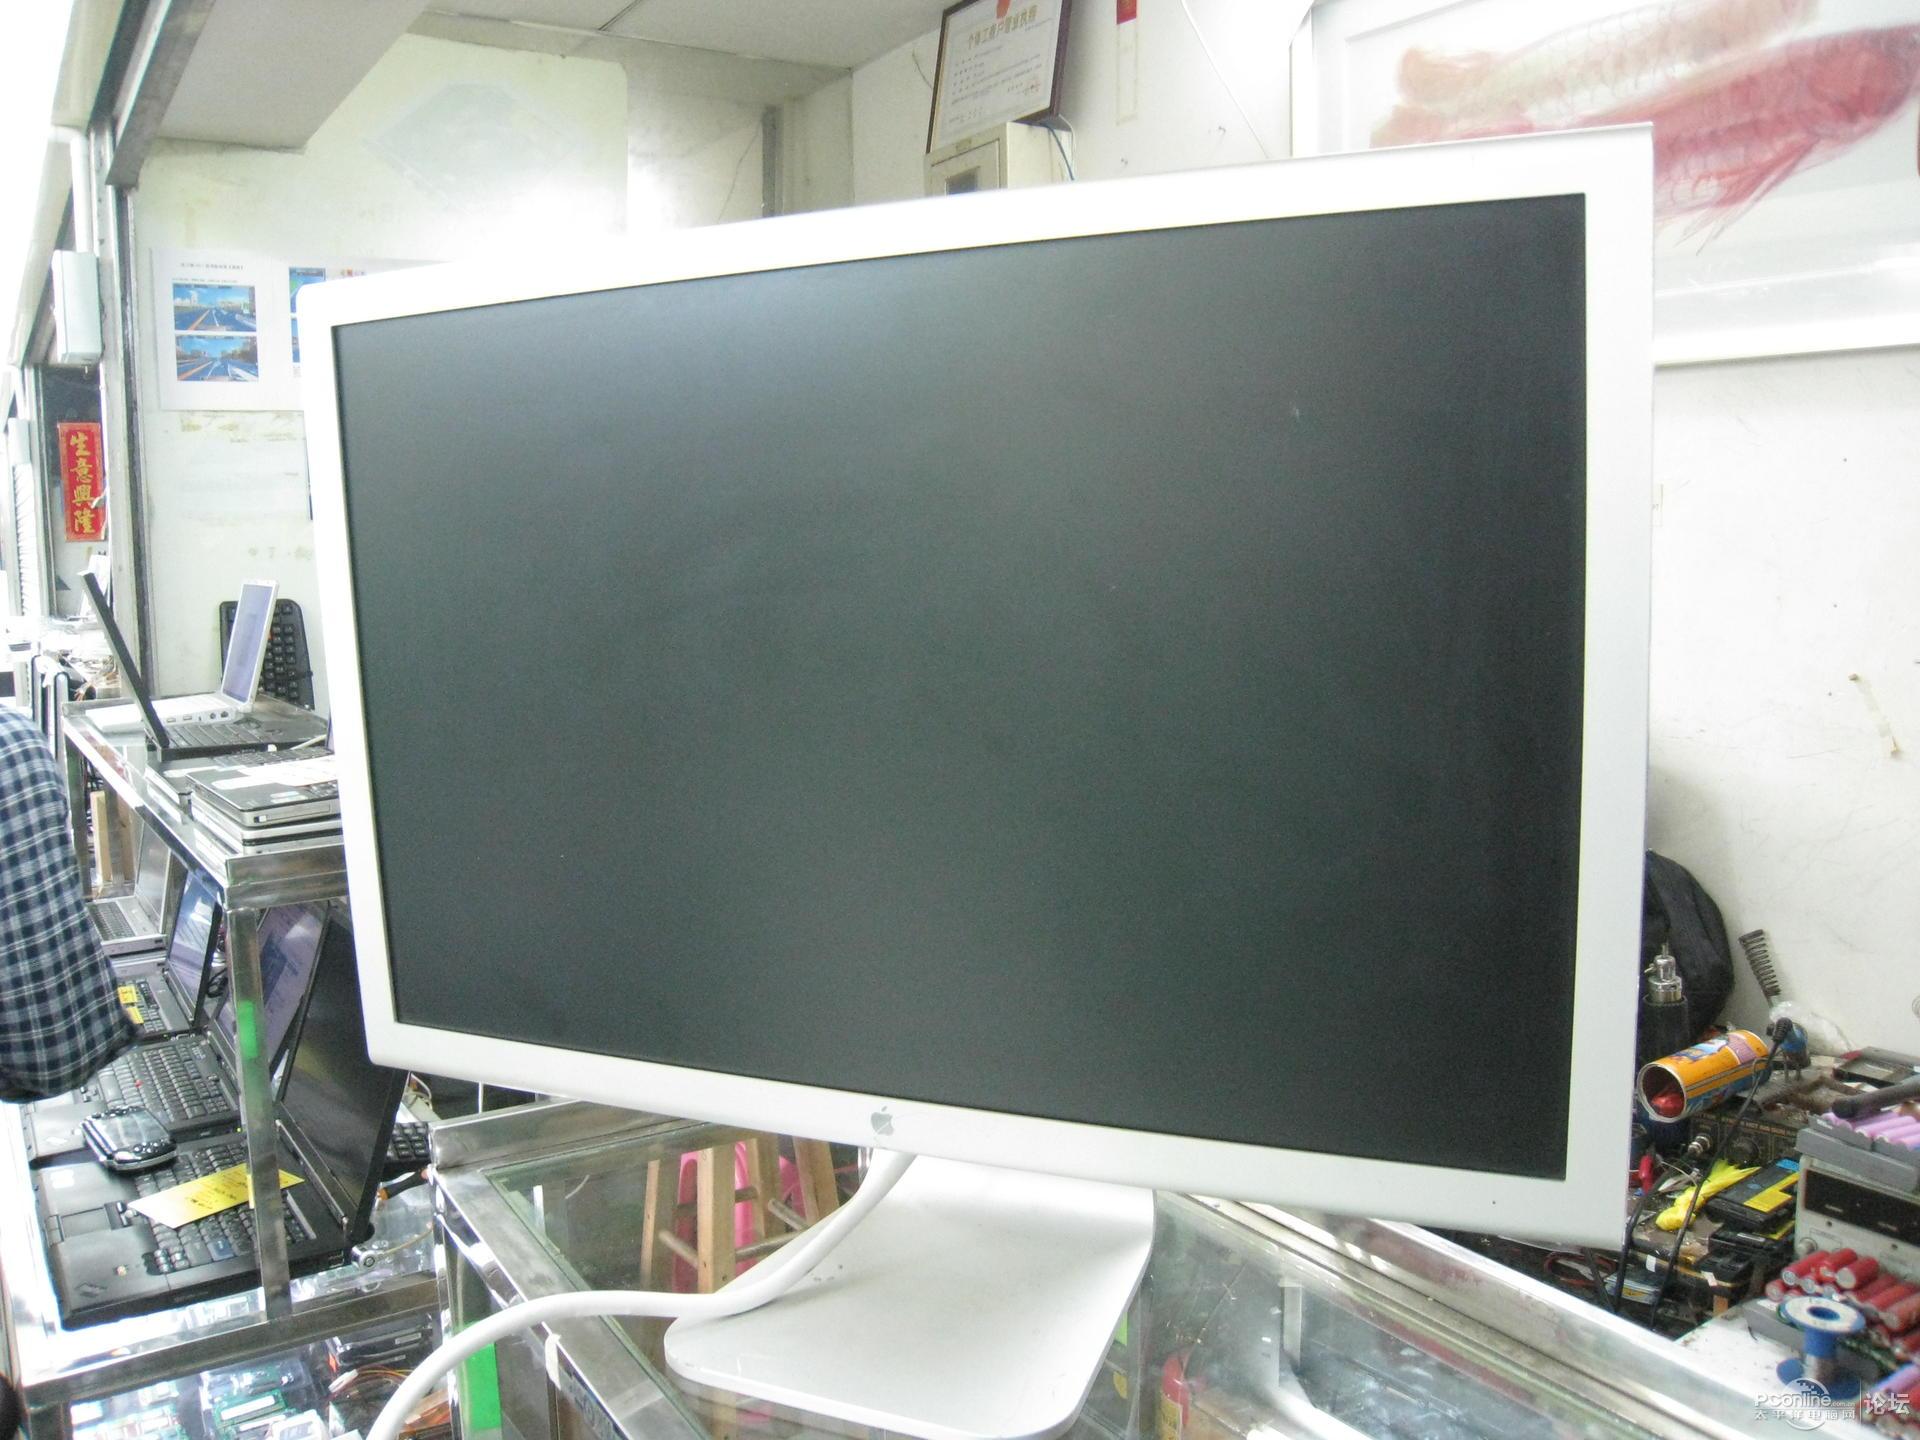 东莞回收二手液晶显示器  回收二手液晶显示器价格 哪里回收显示器 厂家回收显示器